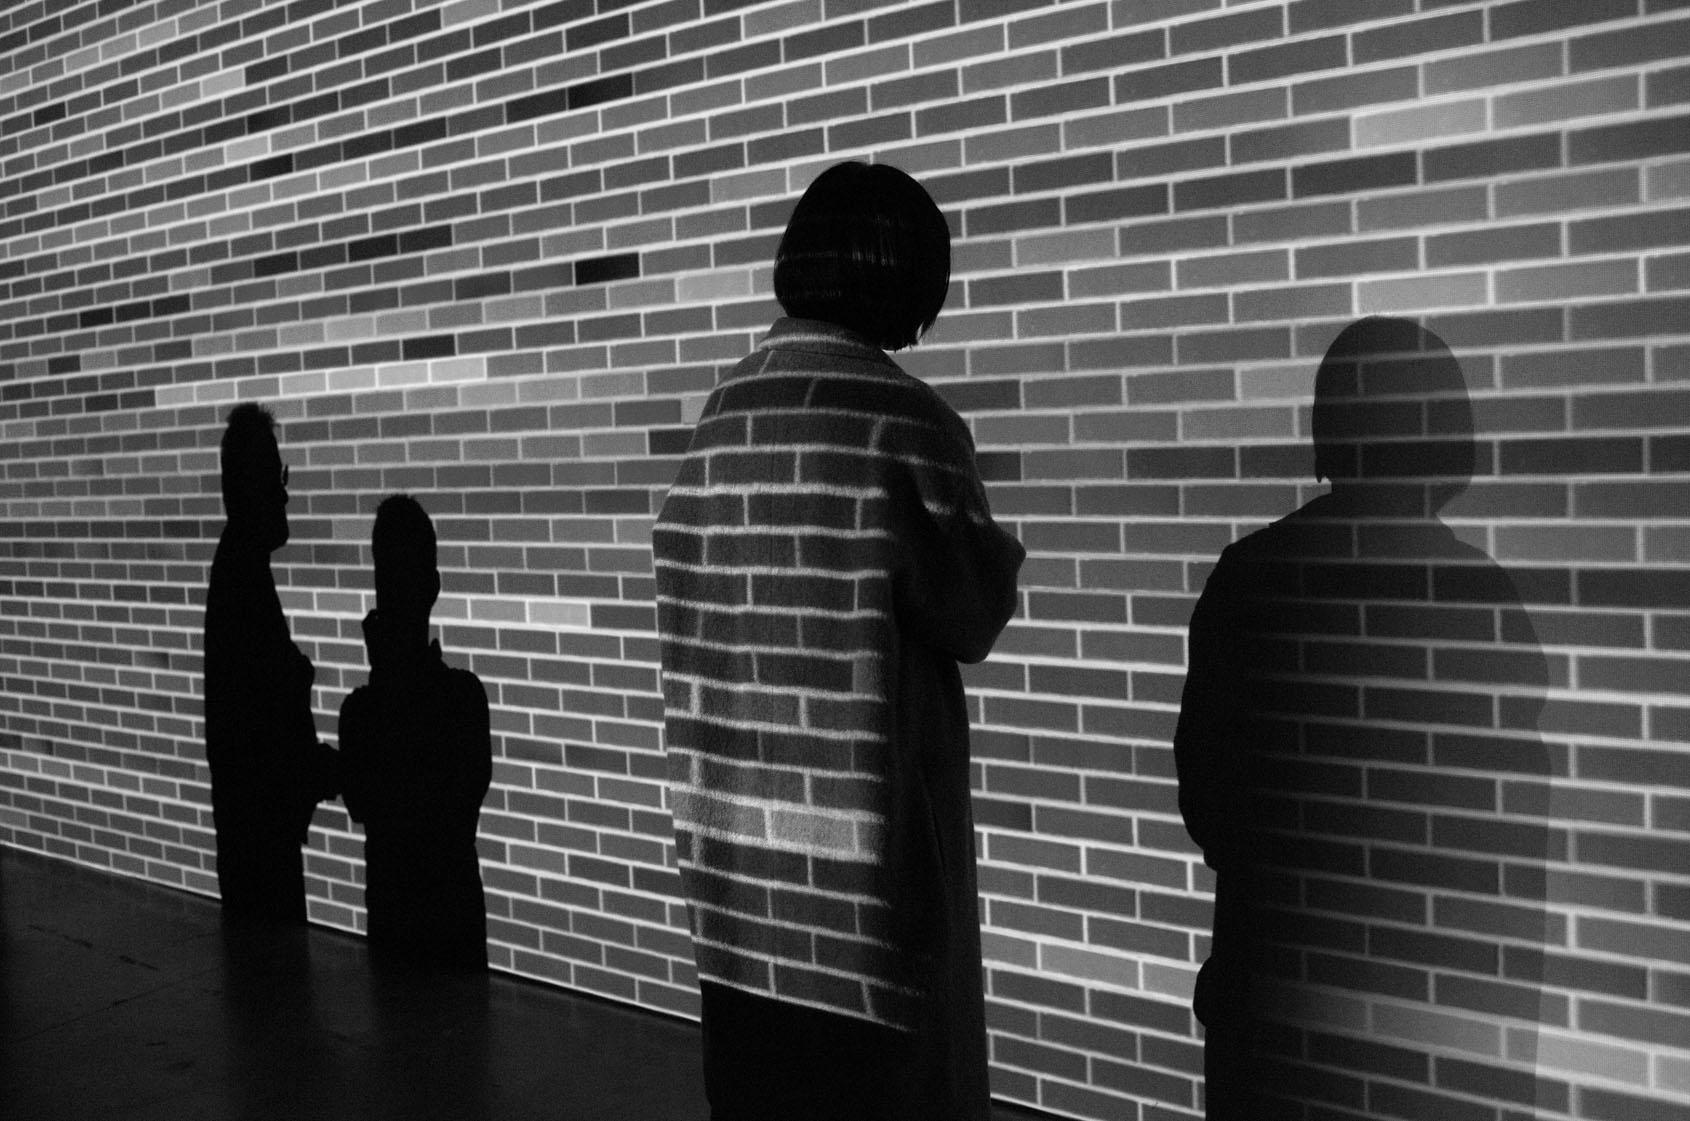 Palais De Tokyogerard uferas photographer clementine de forton gallery